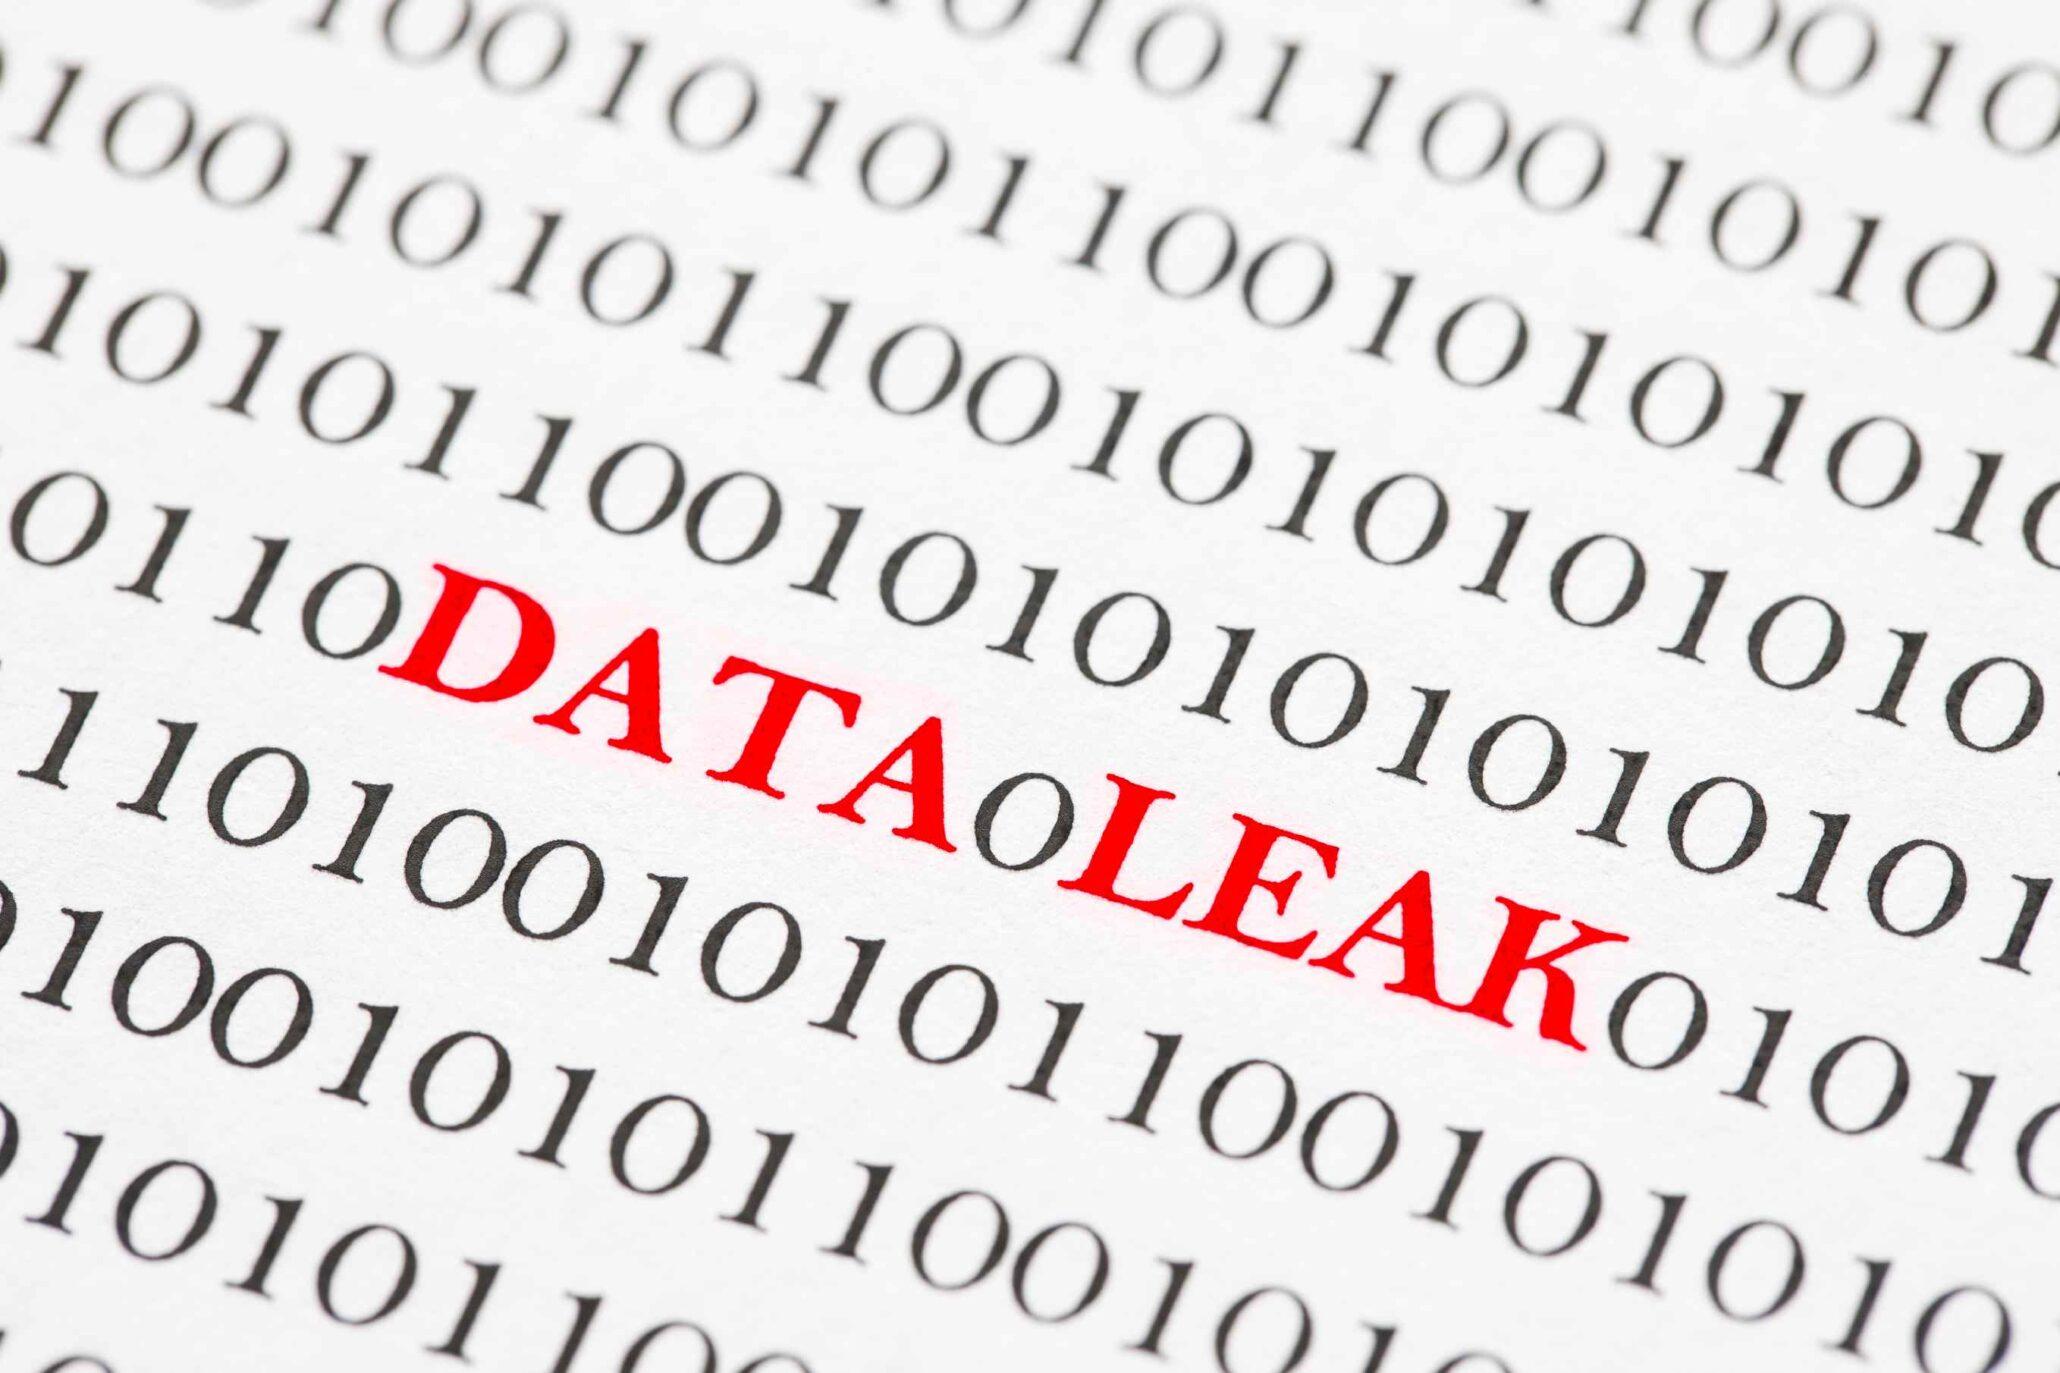 Rambler ru Hackers Dump 100 Million Passwords Online